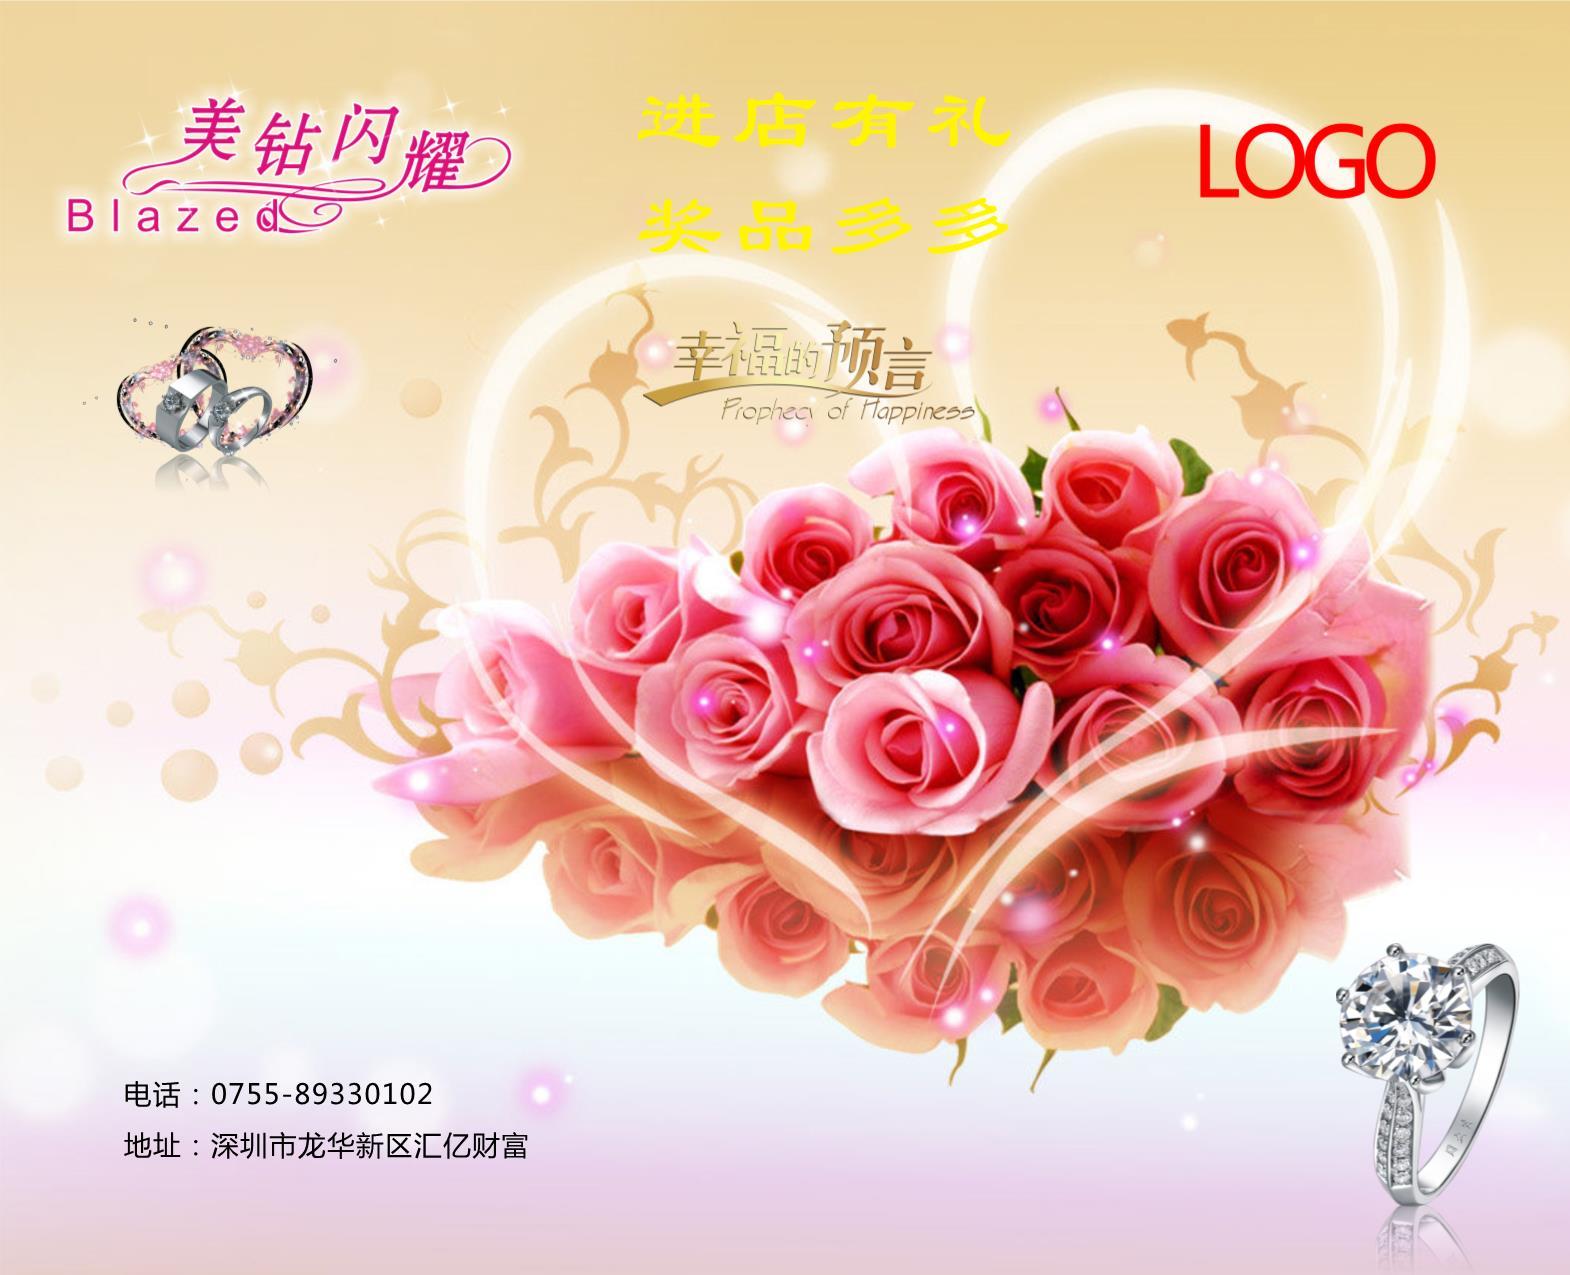 粉红色周大福珠宝广告鼠标垫